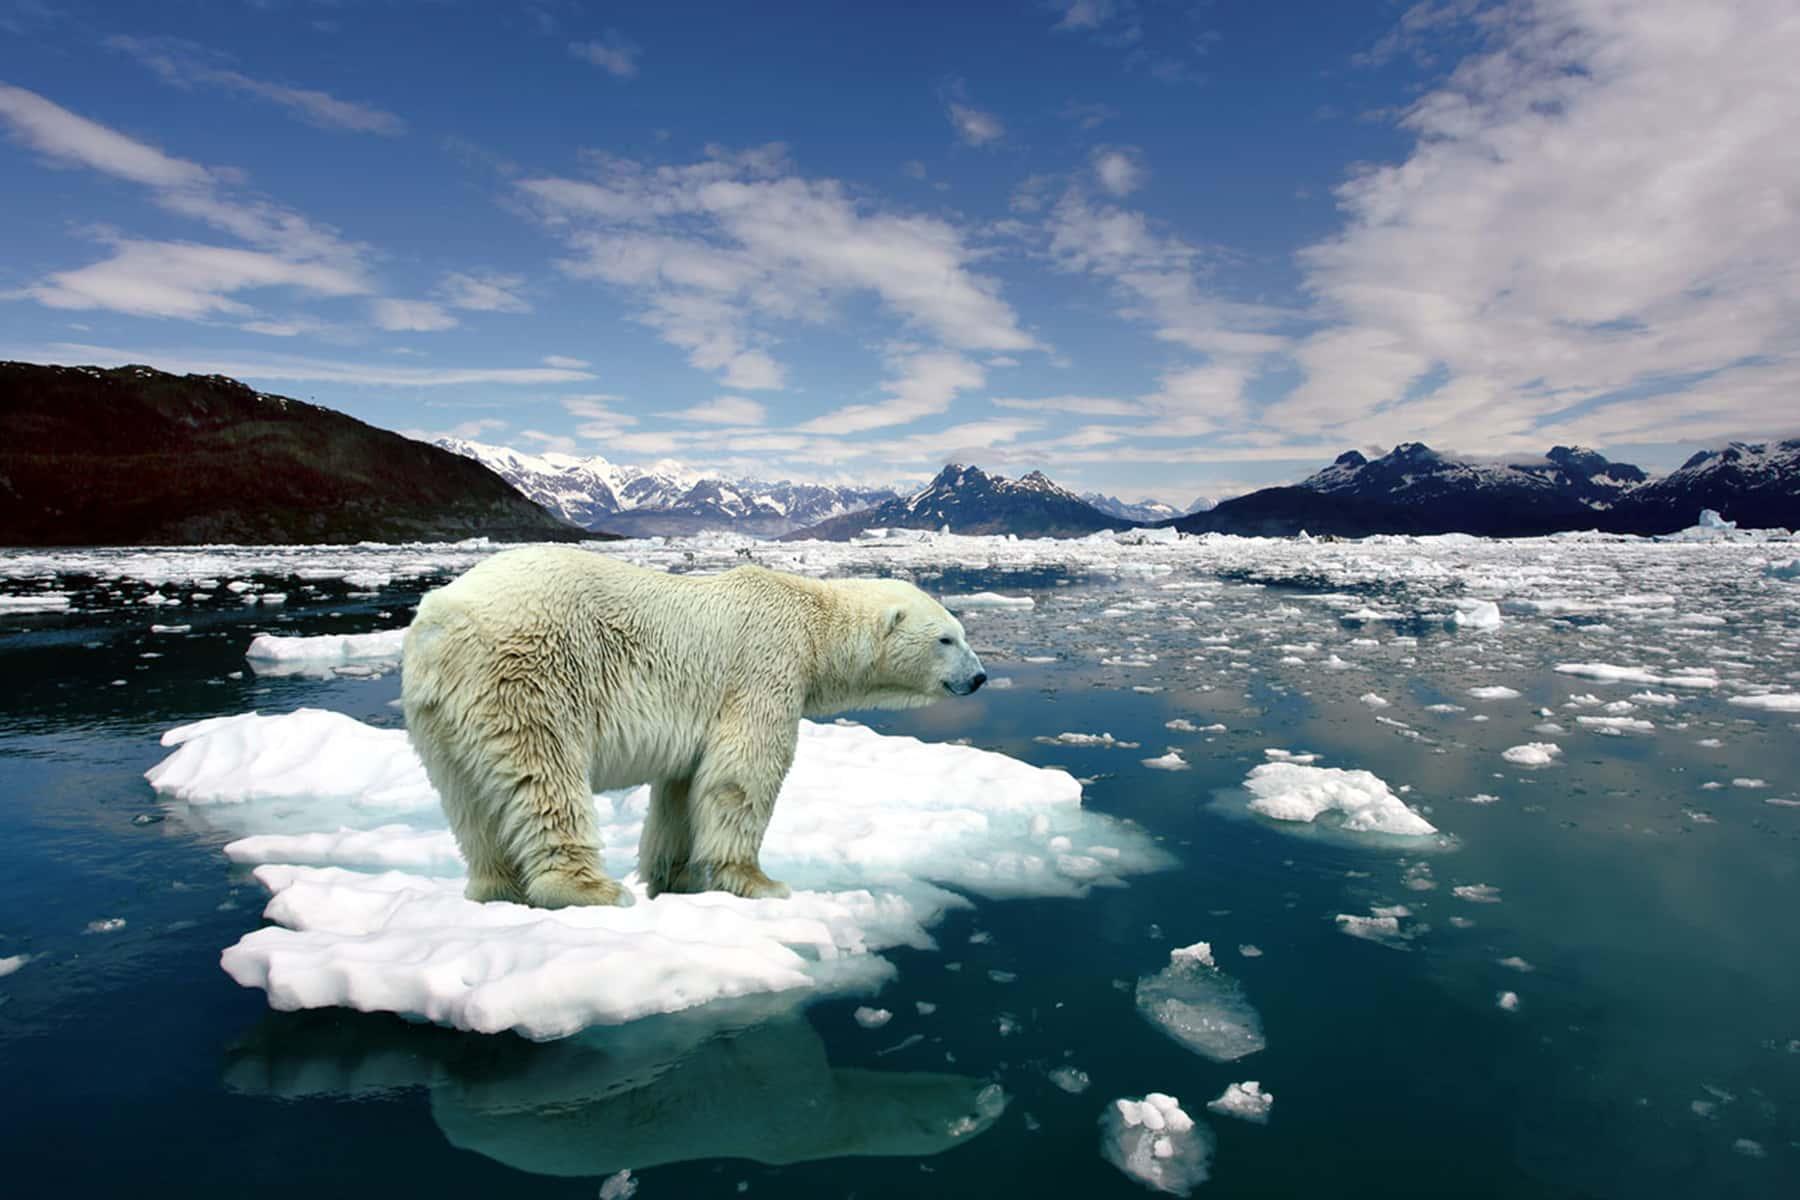 012919_polarbearicemeltwarming_01